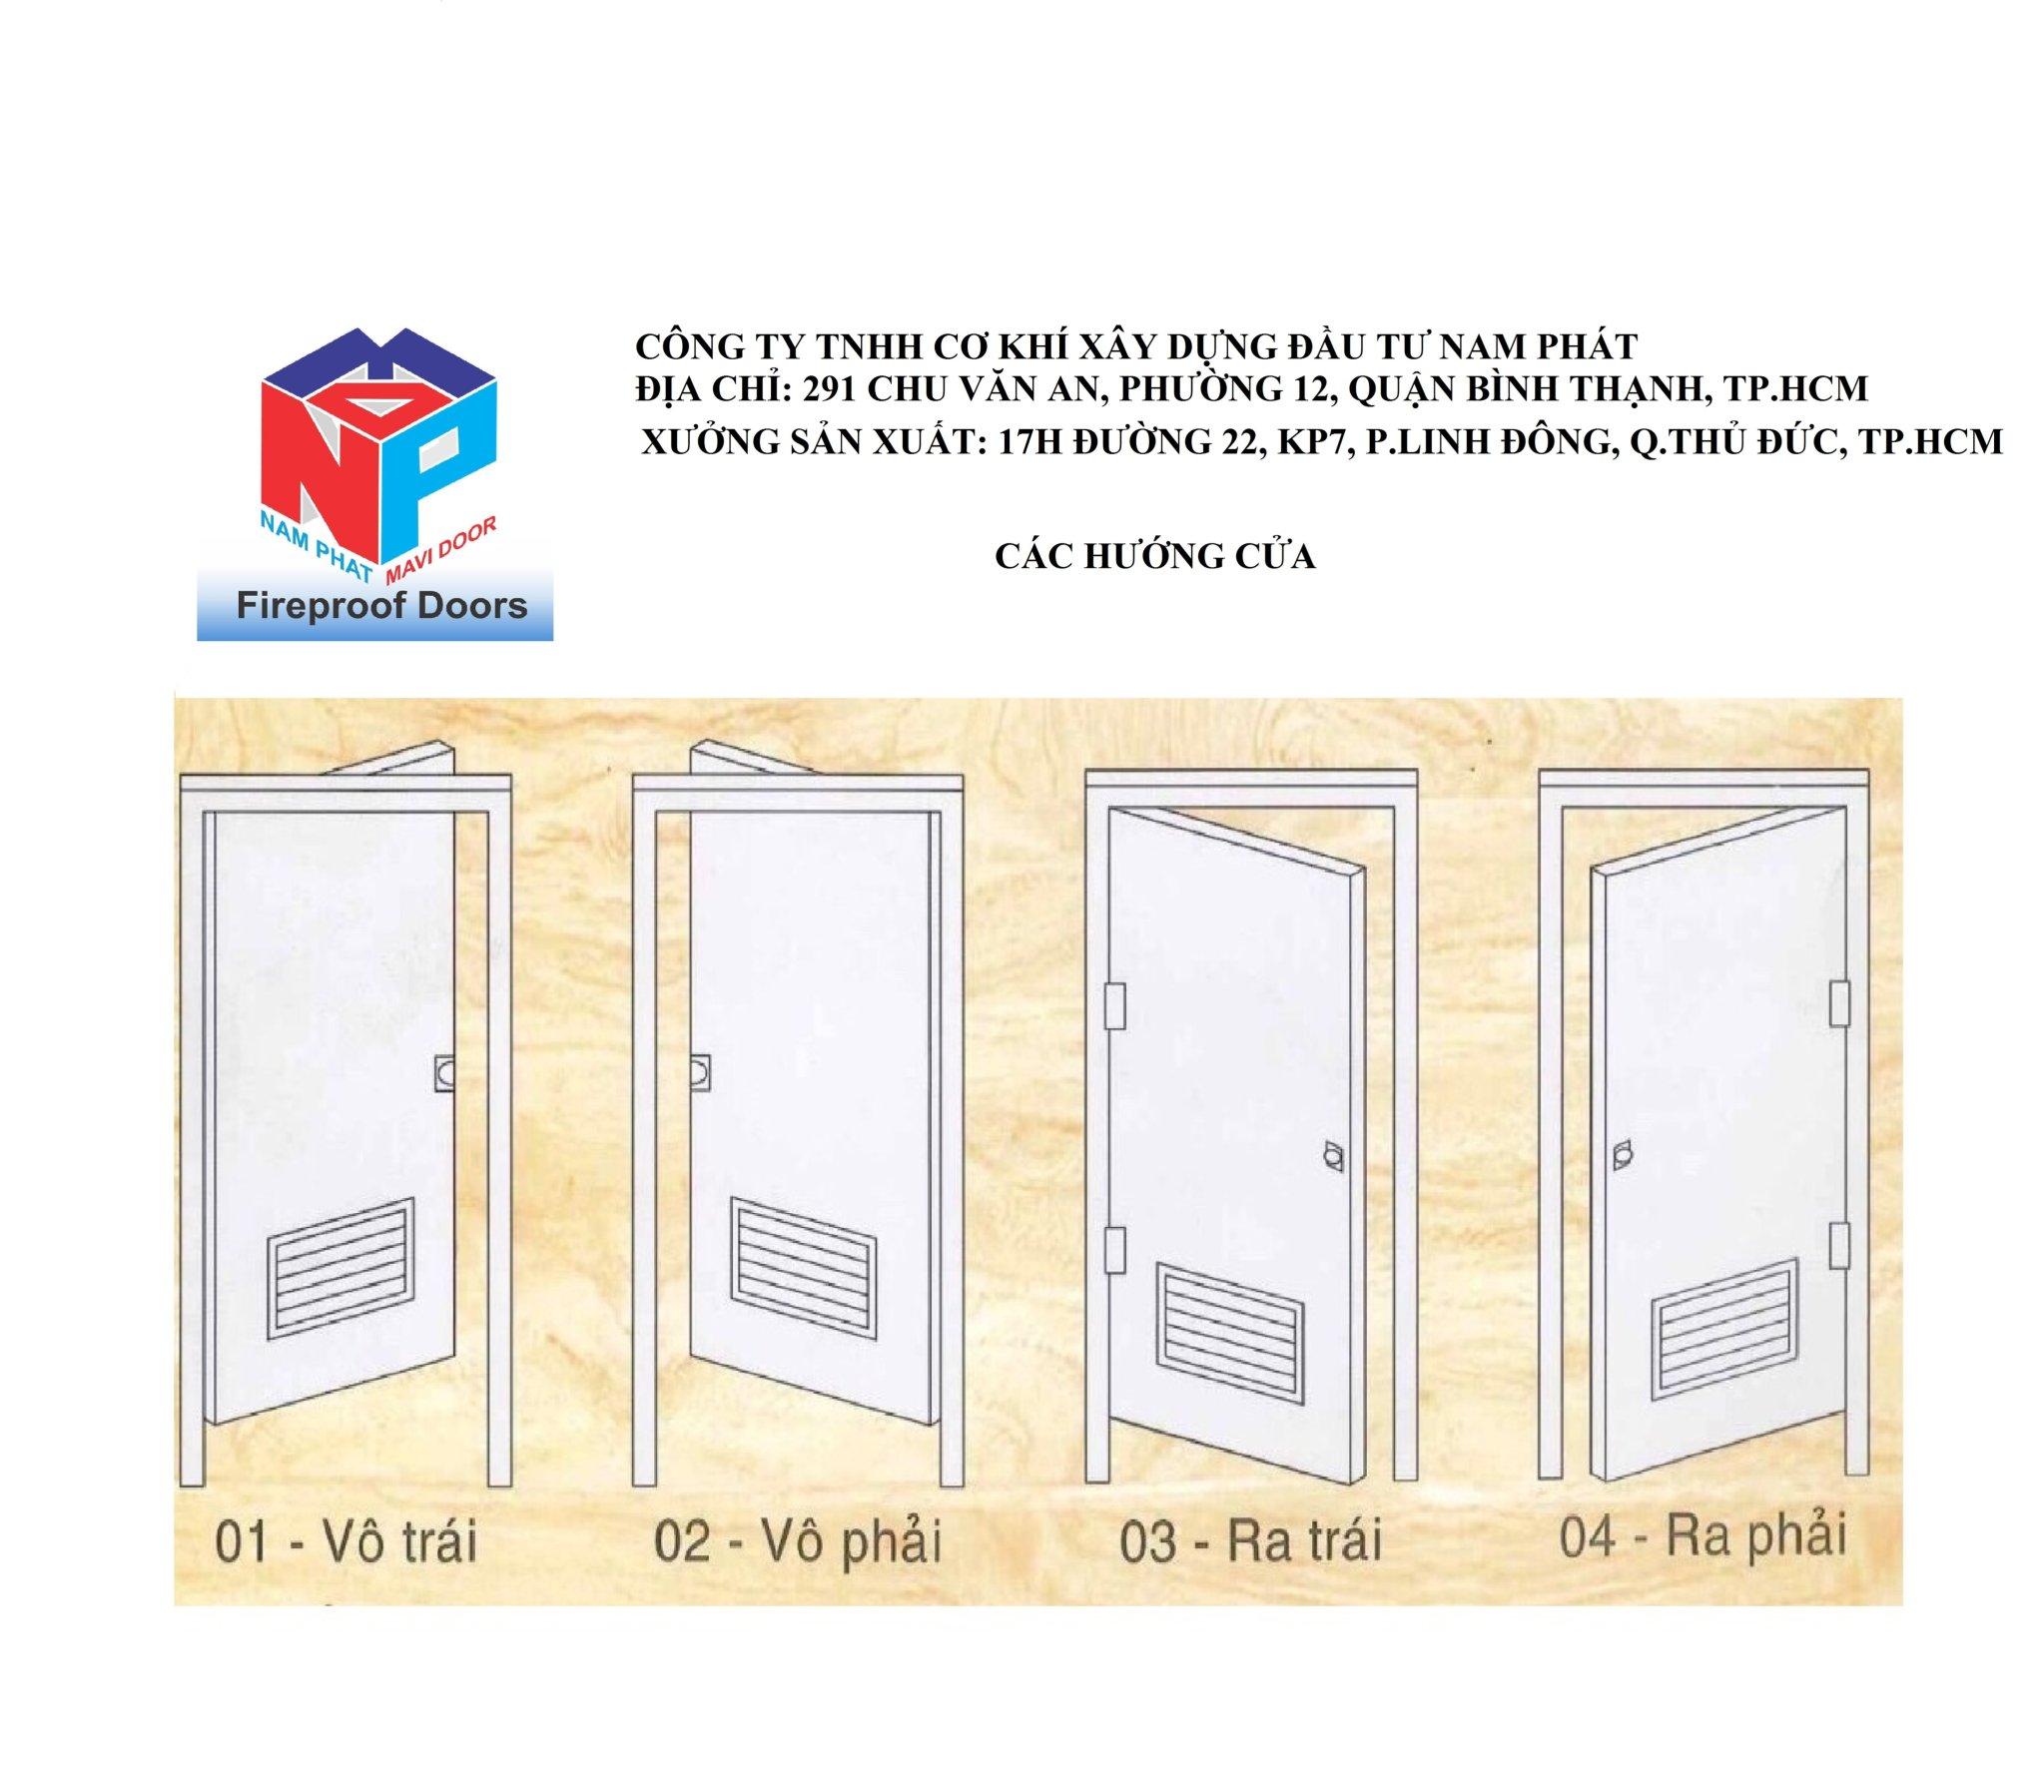 Bản thiết kế cửa thép chống cháy